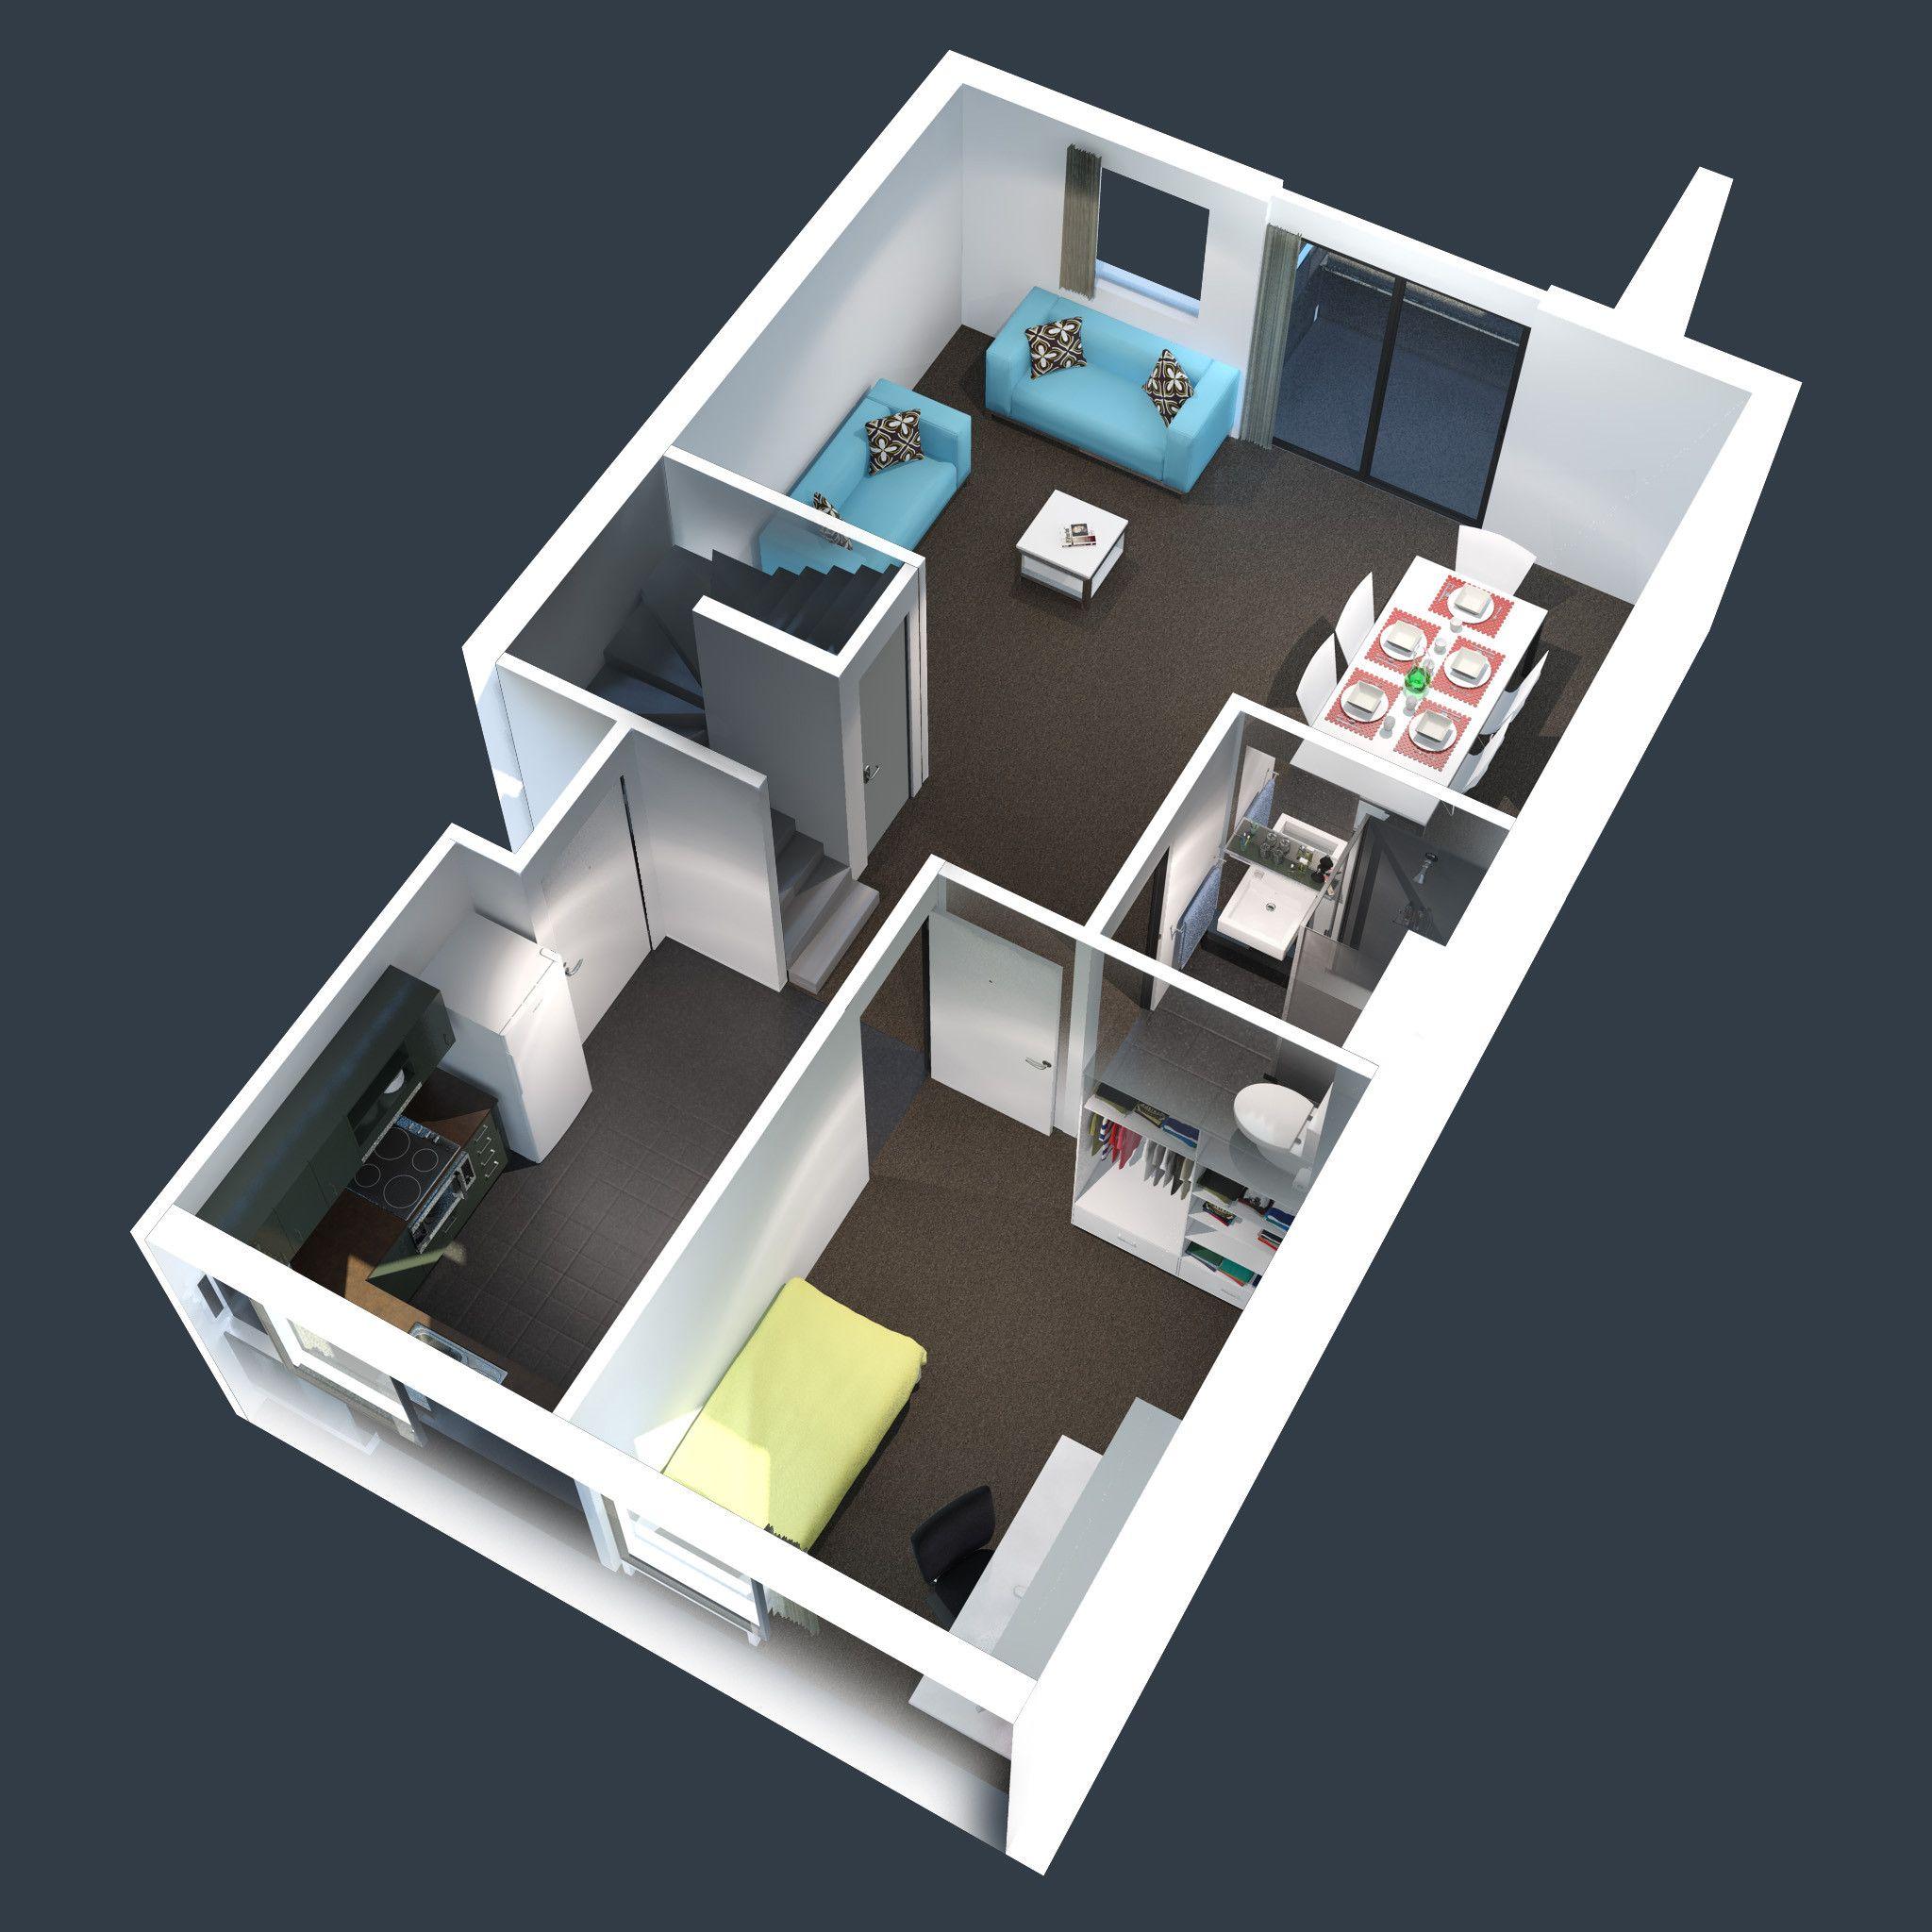 50 Room Layout Design Software Wr6e Home design room planner